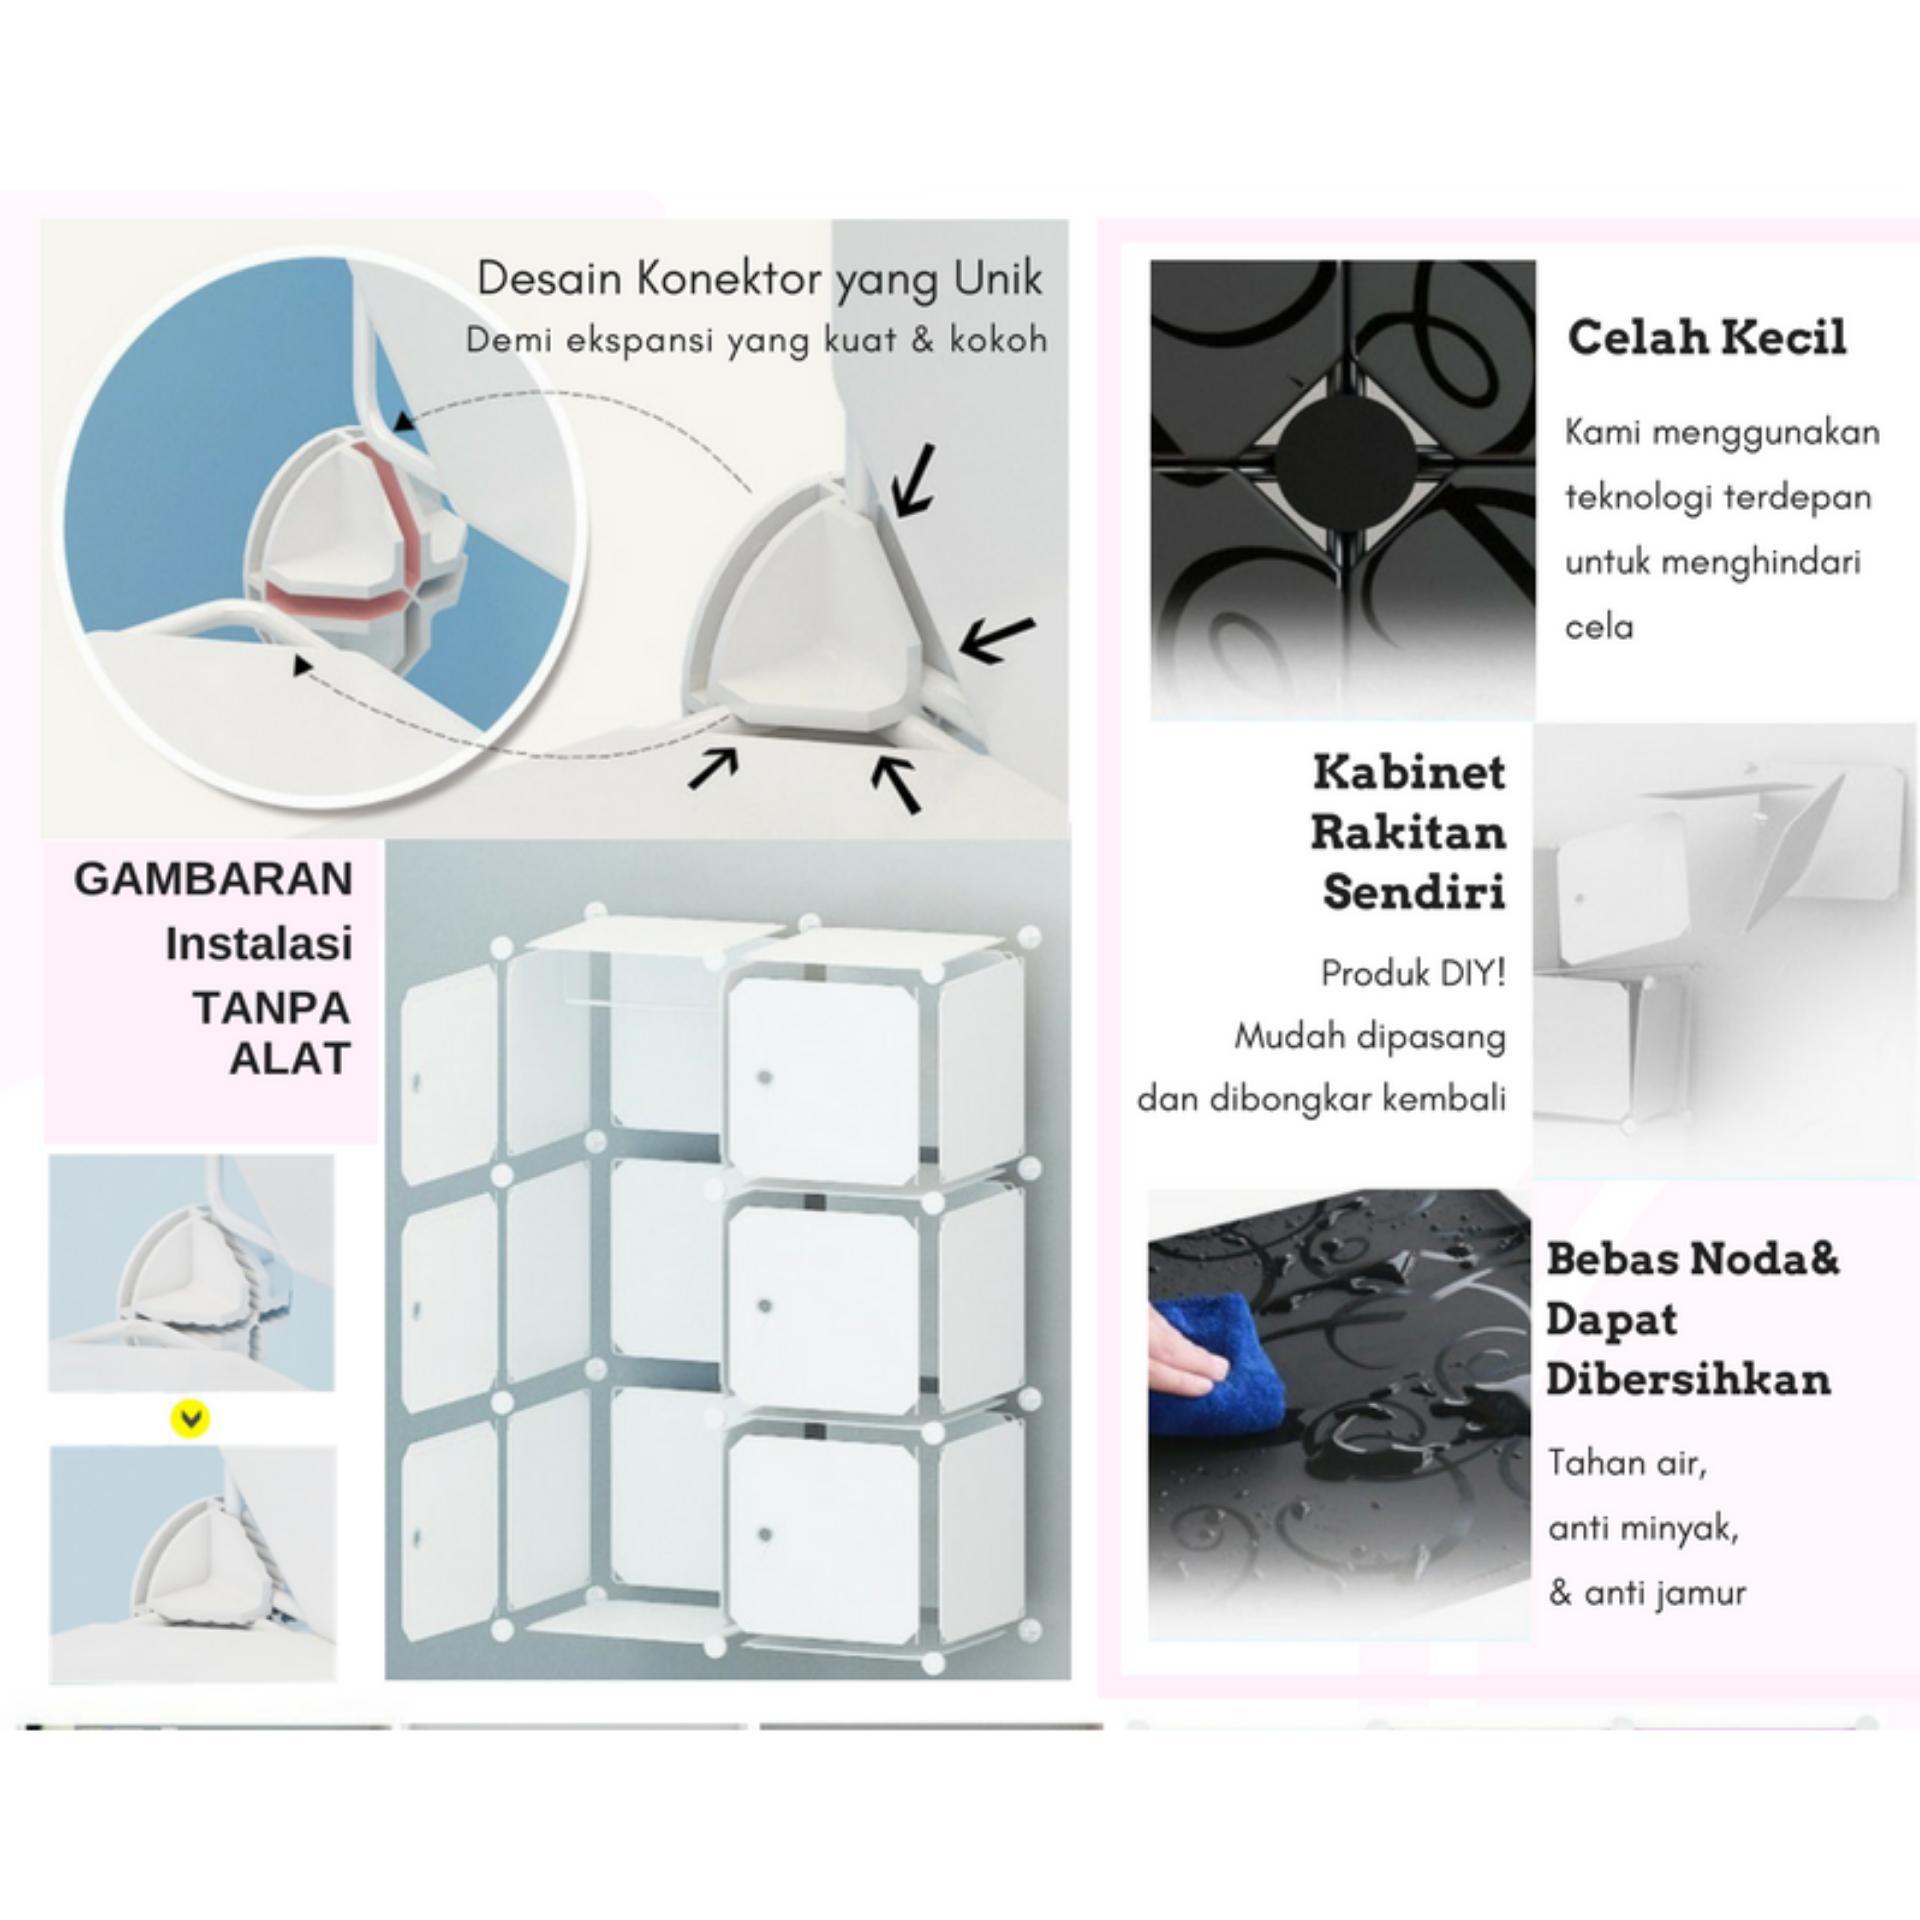 [Original] Tupper Cabinet DIY 12 Pintu Lemari Modern Korean Desain - Elegant Black - 5